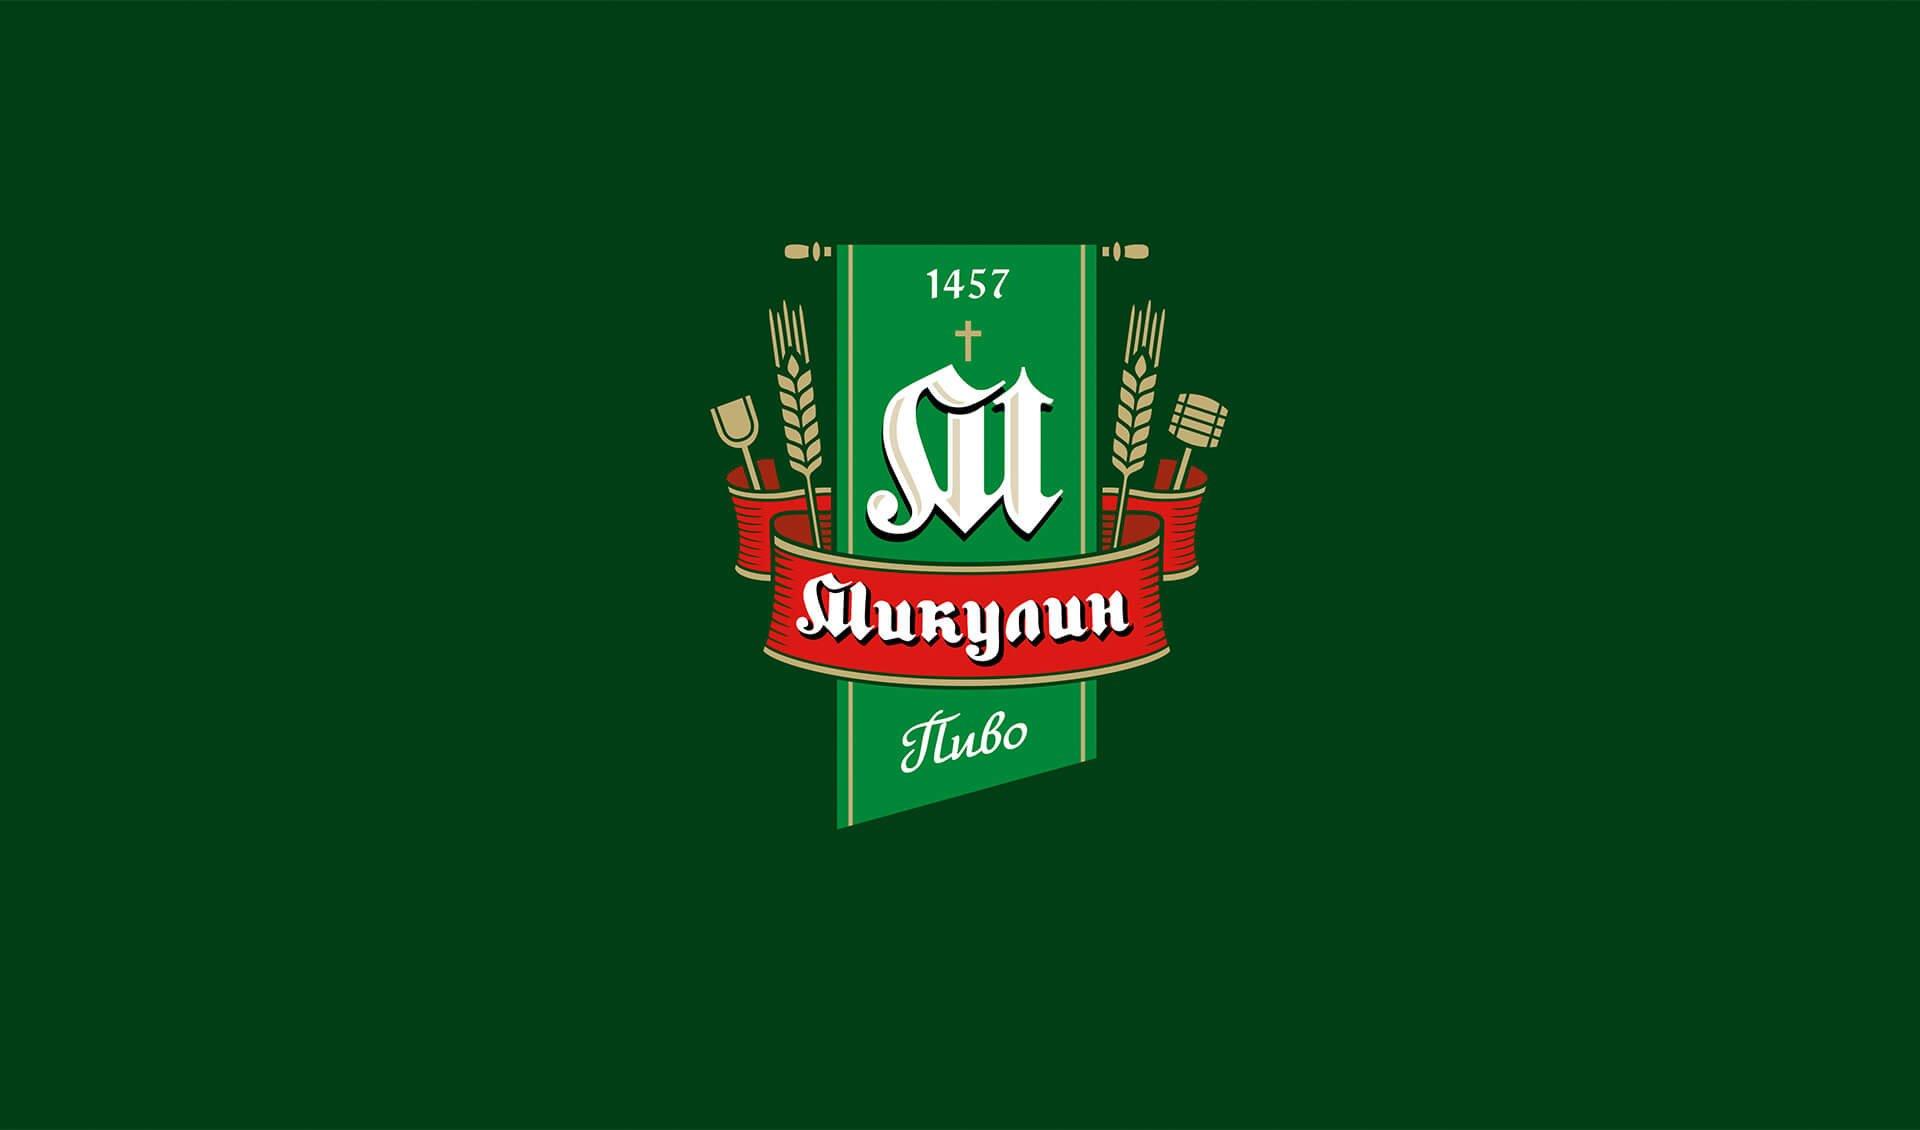 Інверсійна версія логотипа «Микулинецького Пива» для використання на темних фонах